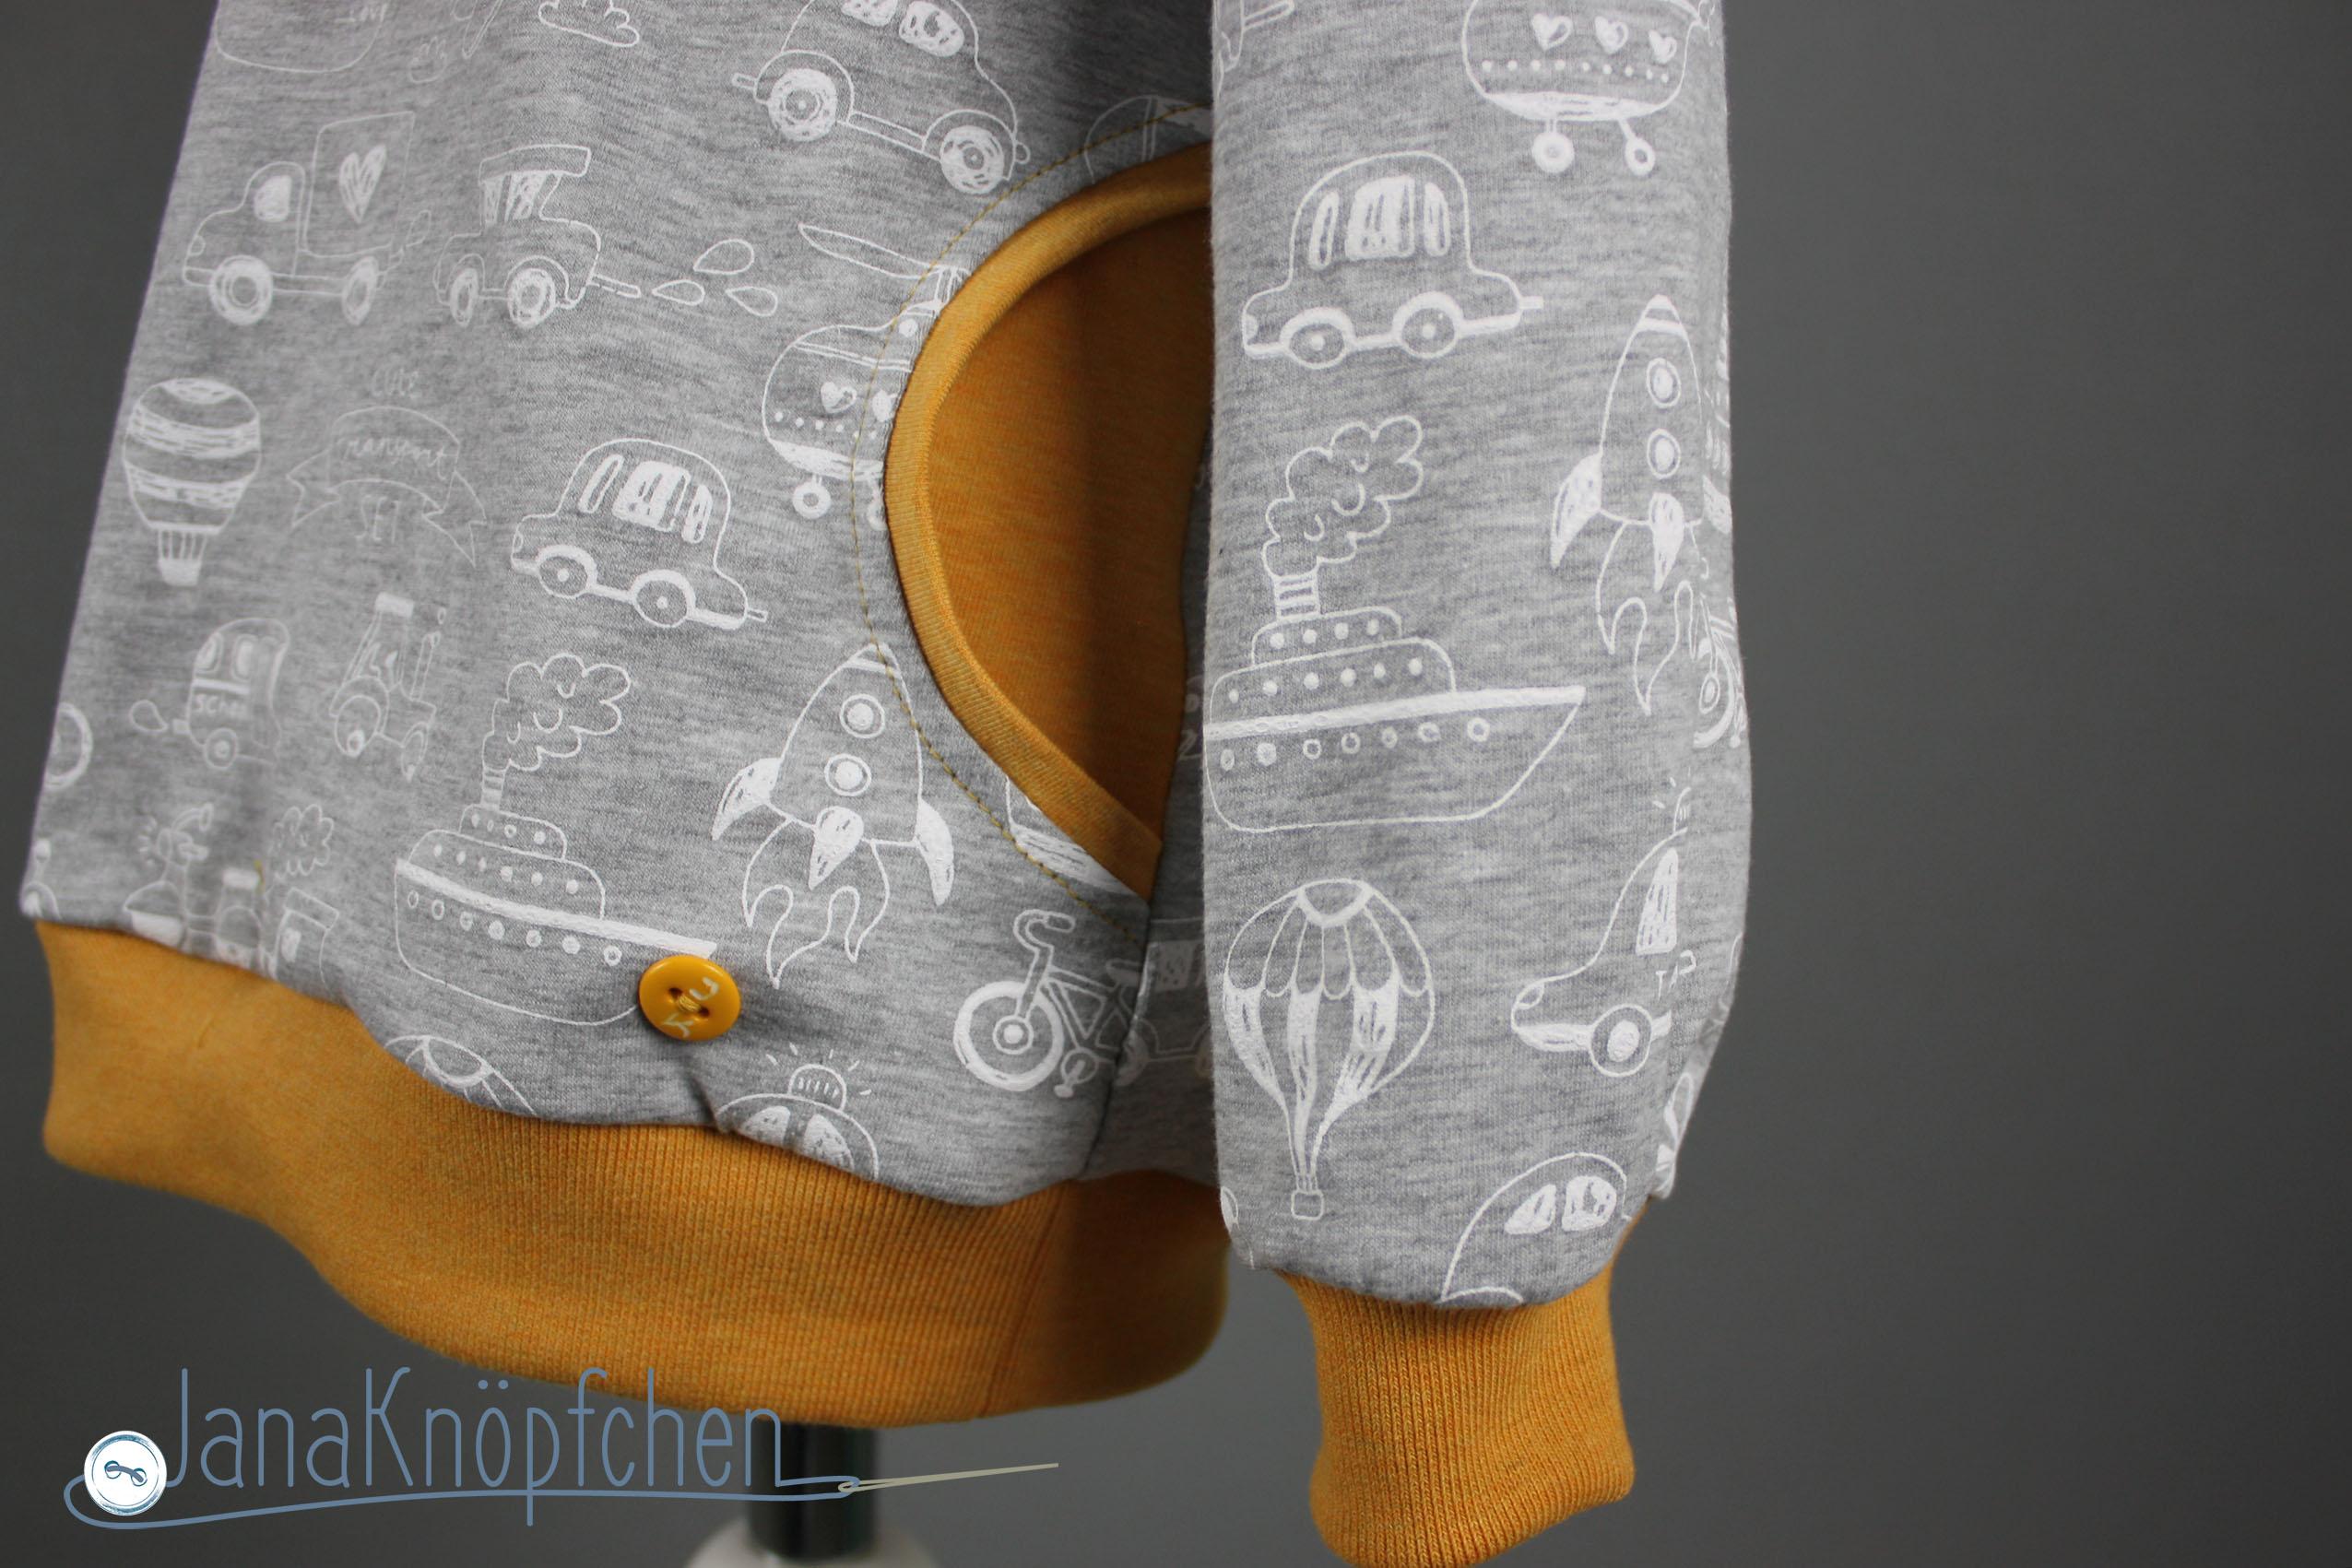 Bauchtasche an hoodie naehen. janaknoepfchen. nähblog - nähen für jungs